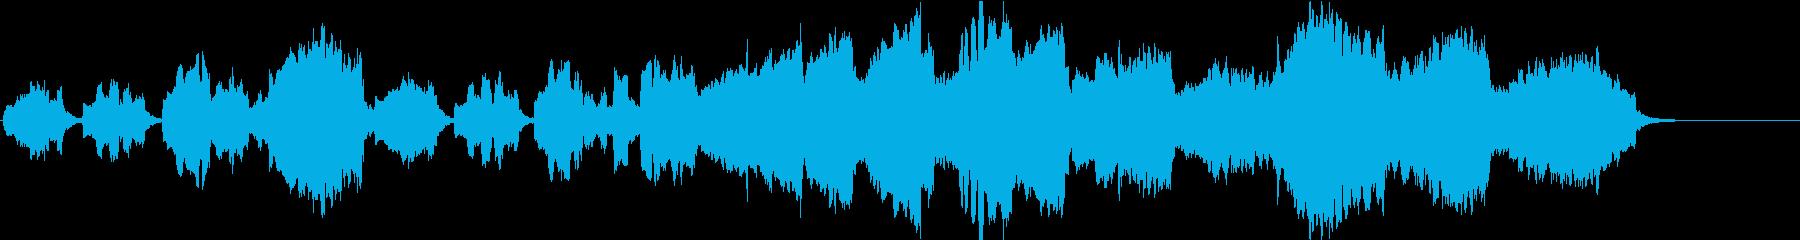 木管/しっとり/リラックス/モーニングの再生済みの波形